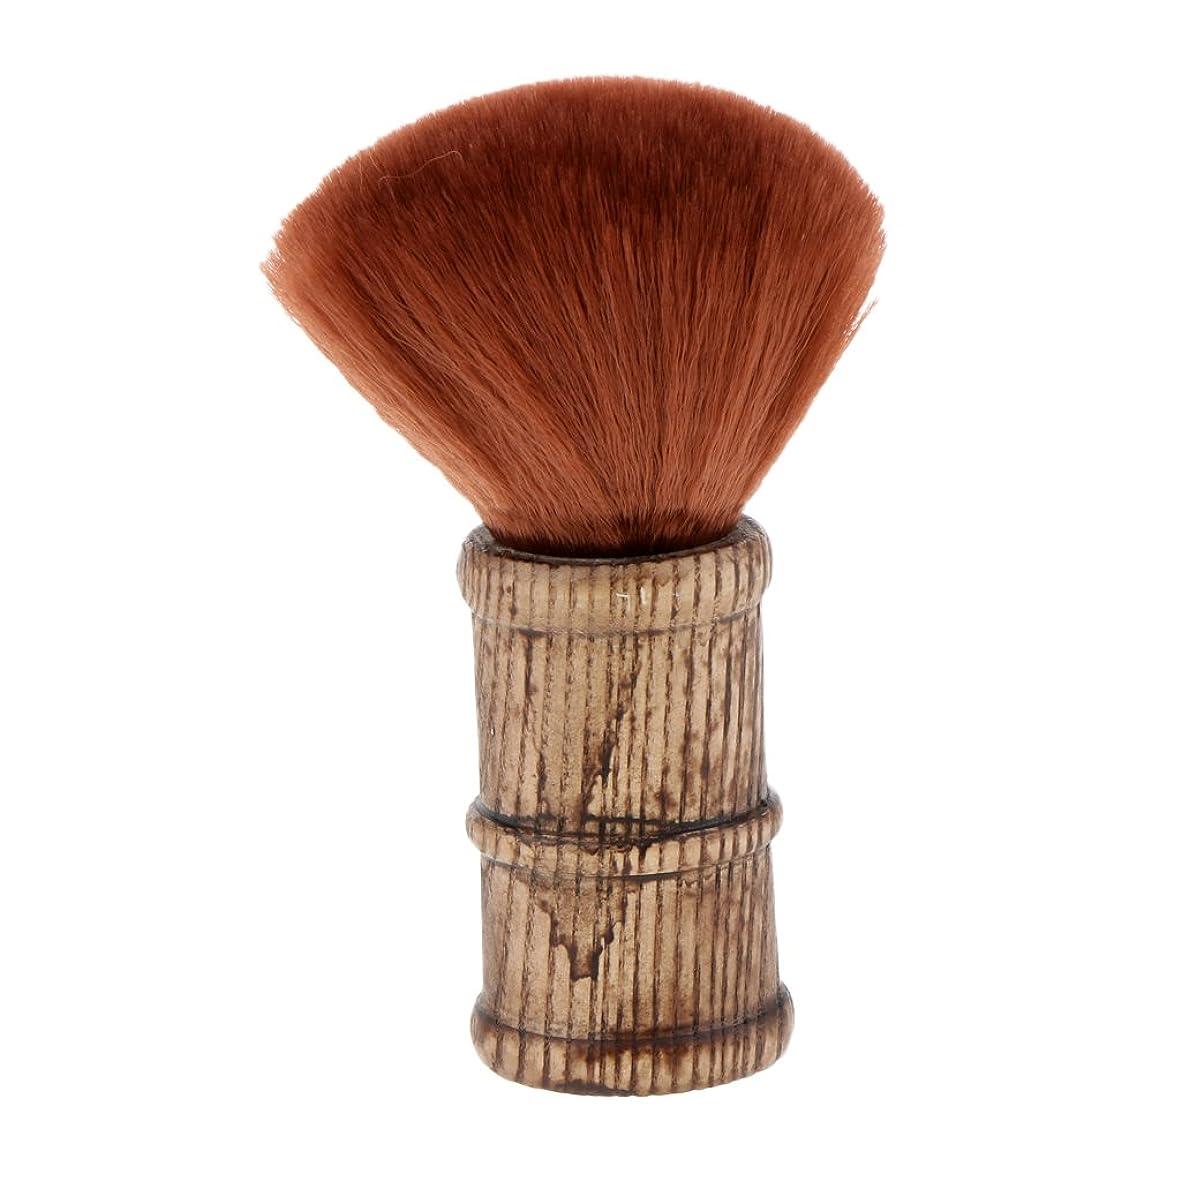 朝ごはん蒸気夢中Homyl ネックダスターブラシ ヘアカットブラシ メイクブラシ サロン 理髪師 散髪 ブラシ 滑り防止 耐久性 2色選べる - 褐色